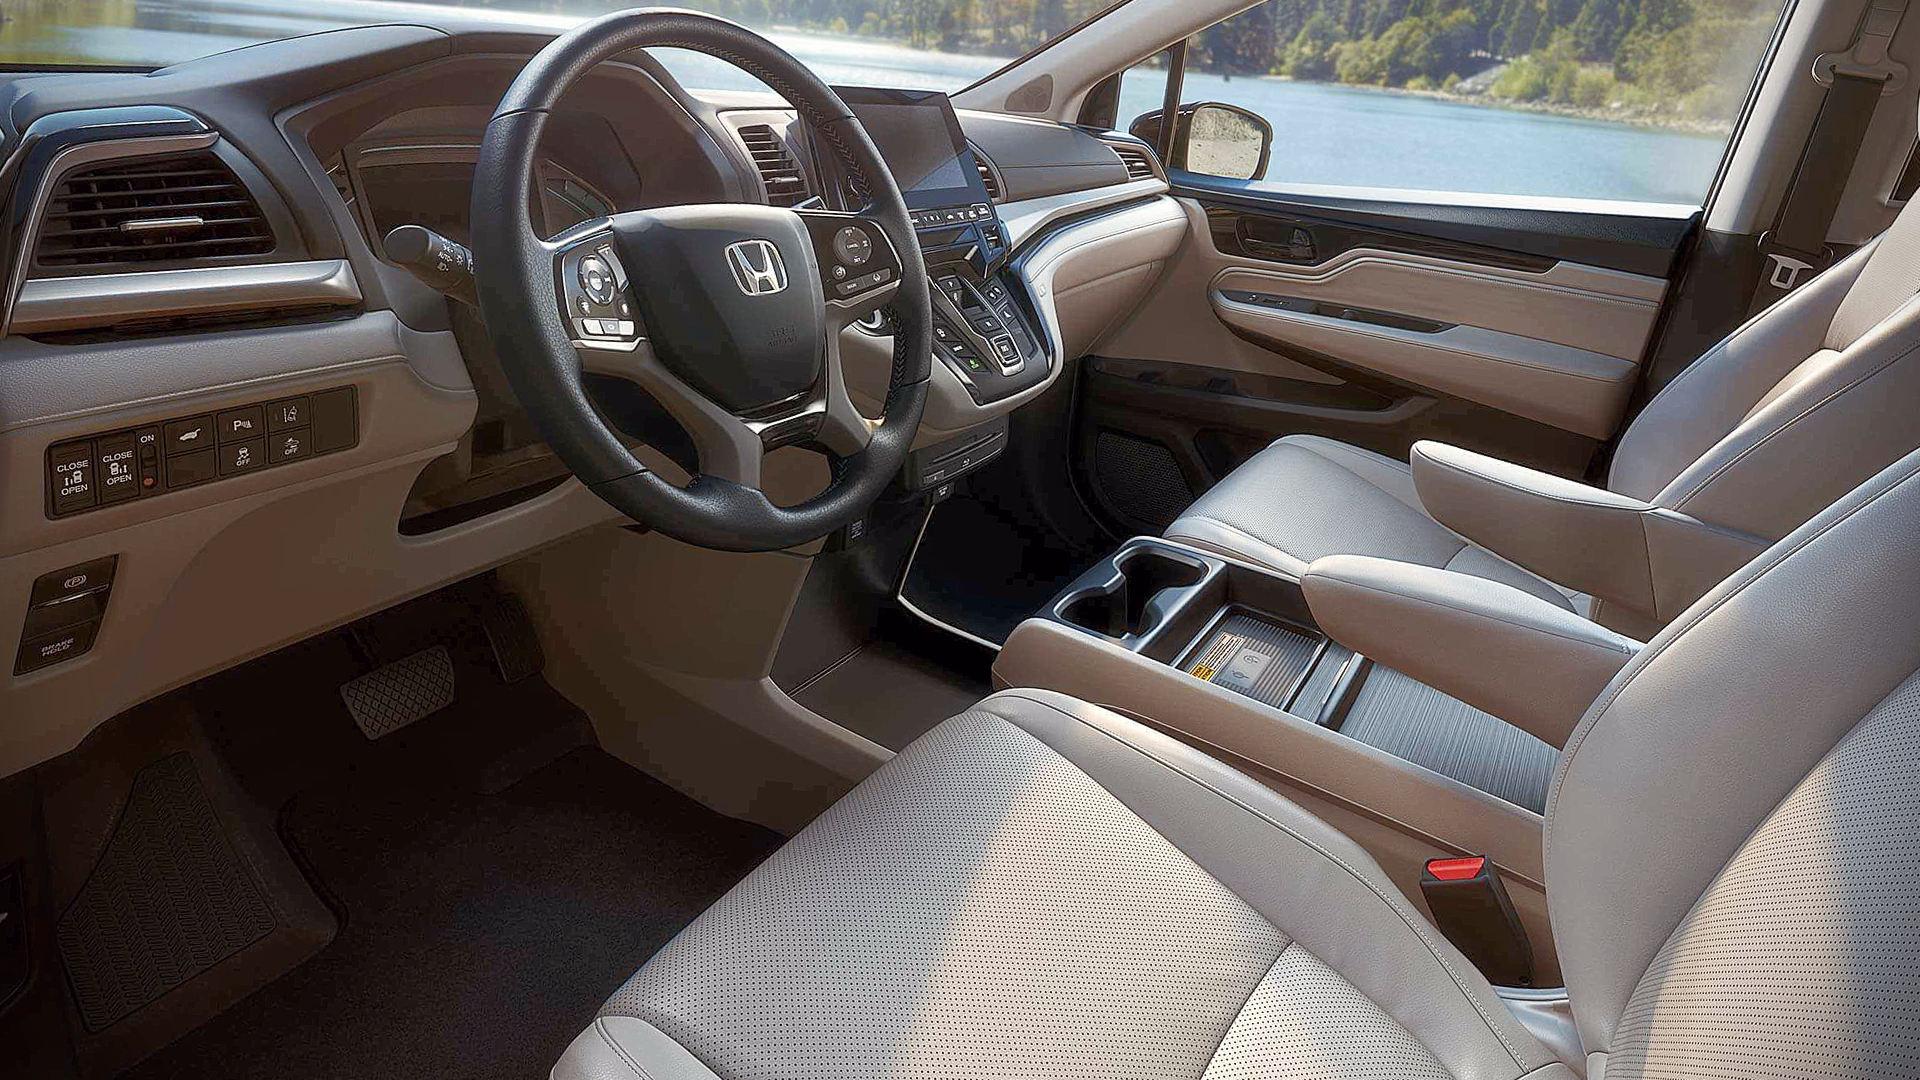 Honda Odyssey 2020 Interior Wallpaper